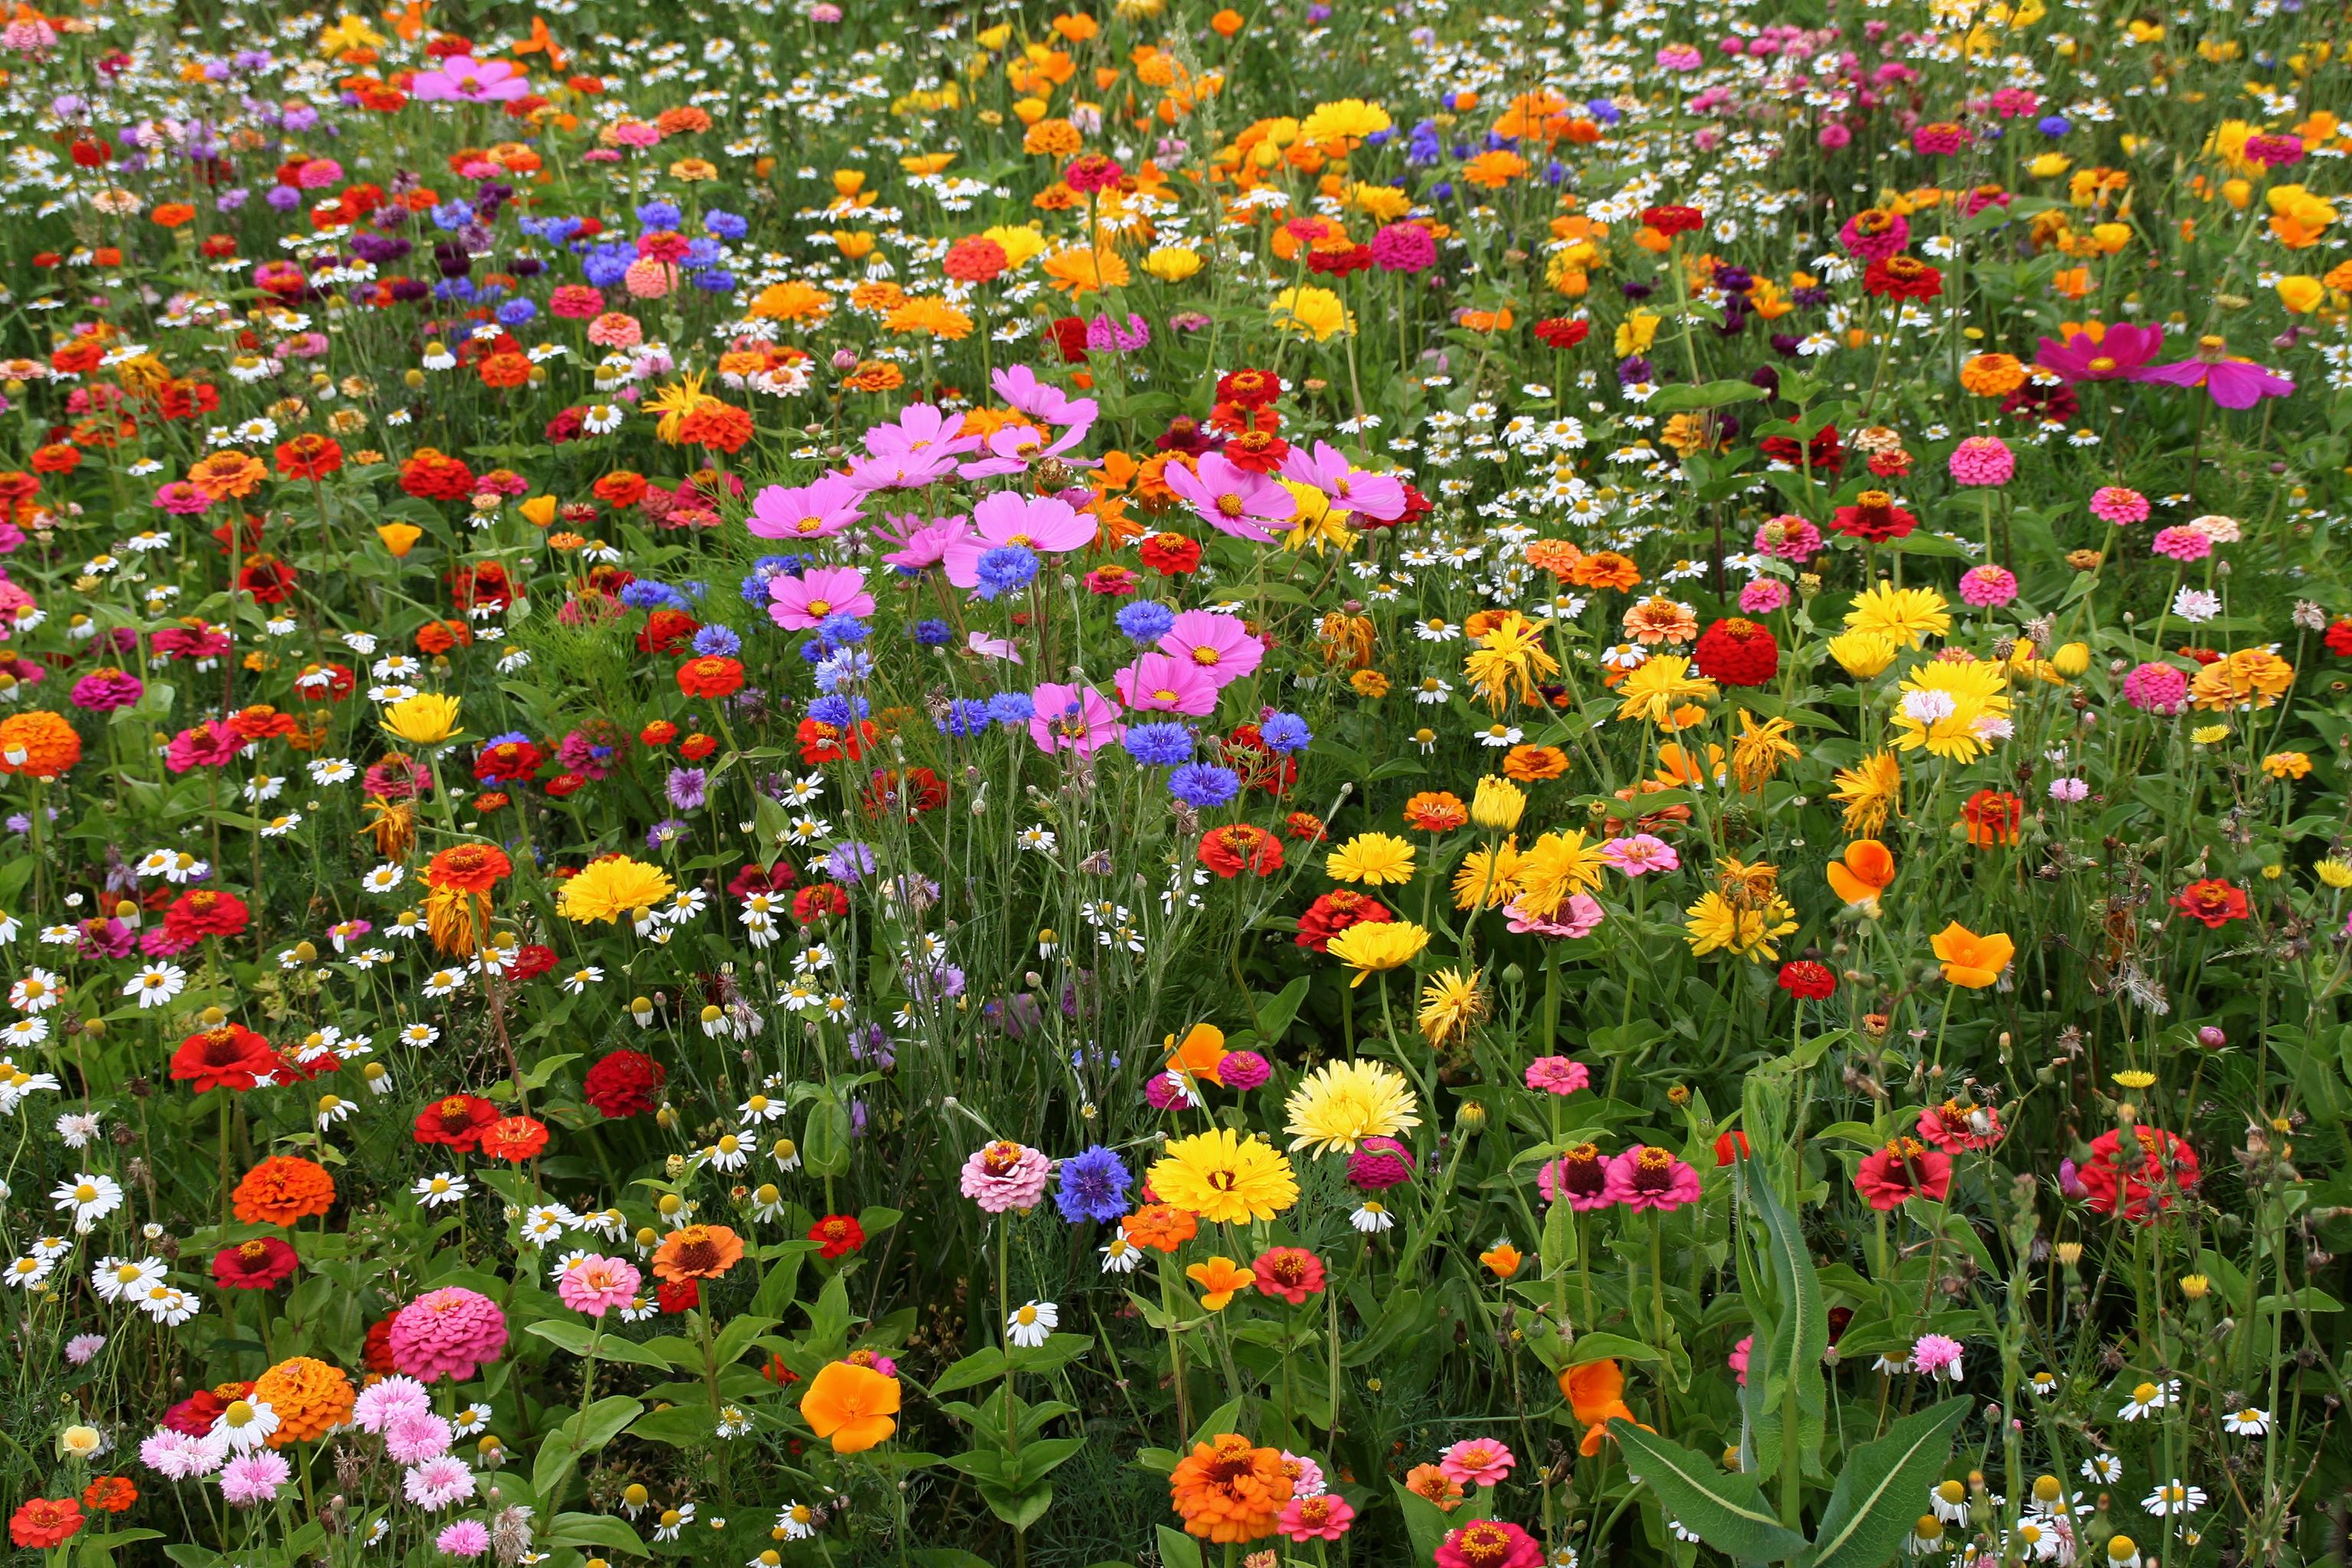 Заказ цветов, цветы г луга опт